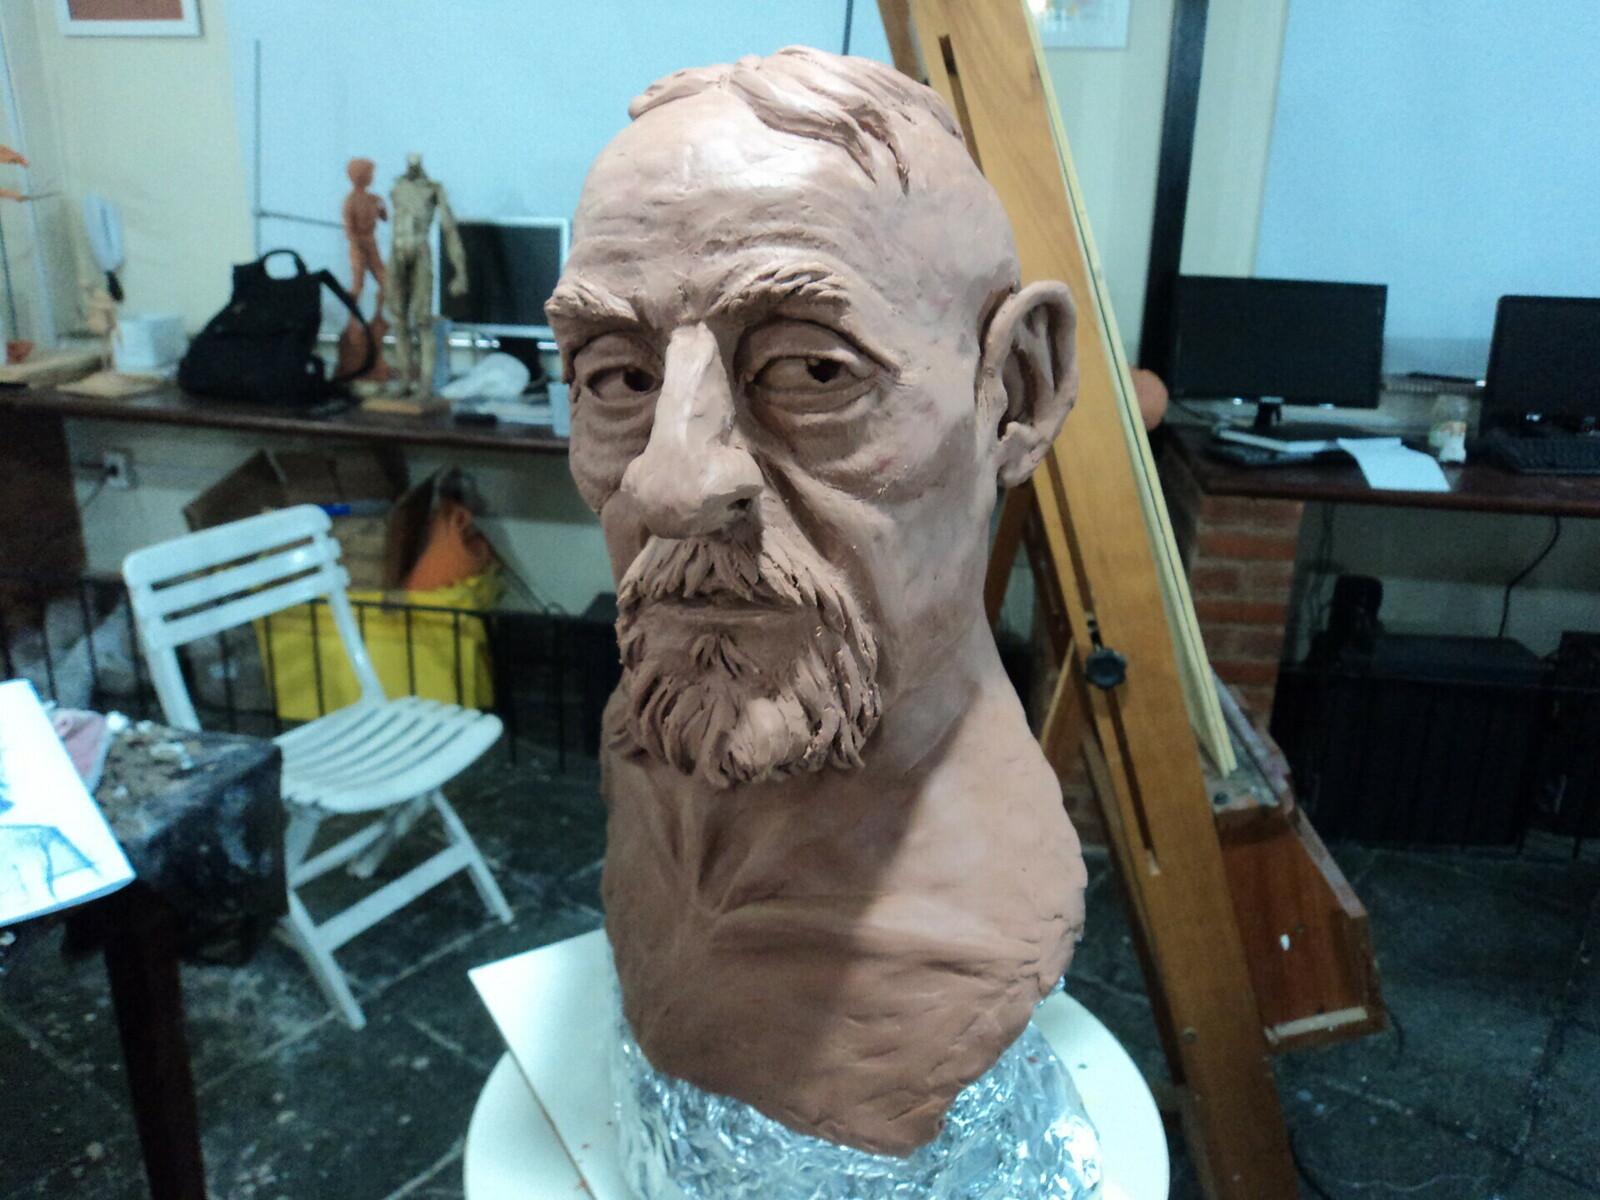 Pirate Bust Sculpt